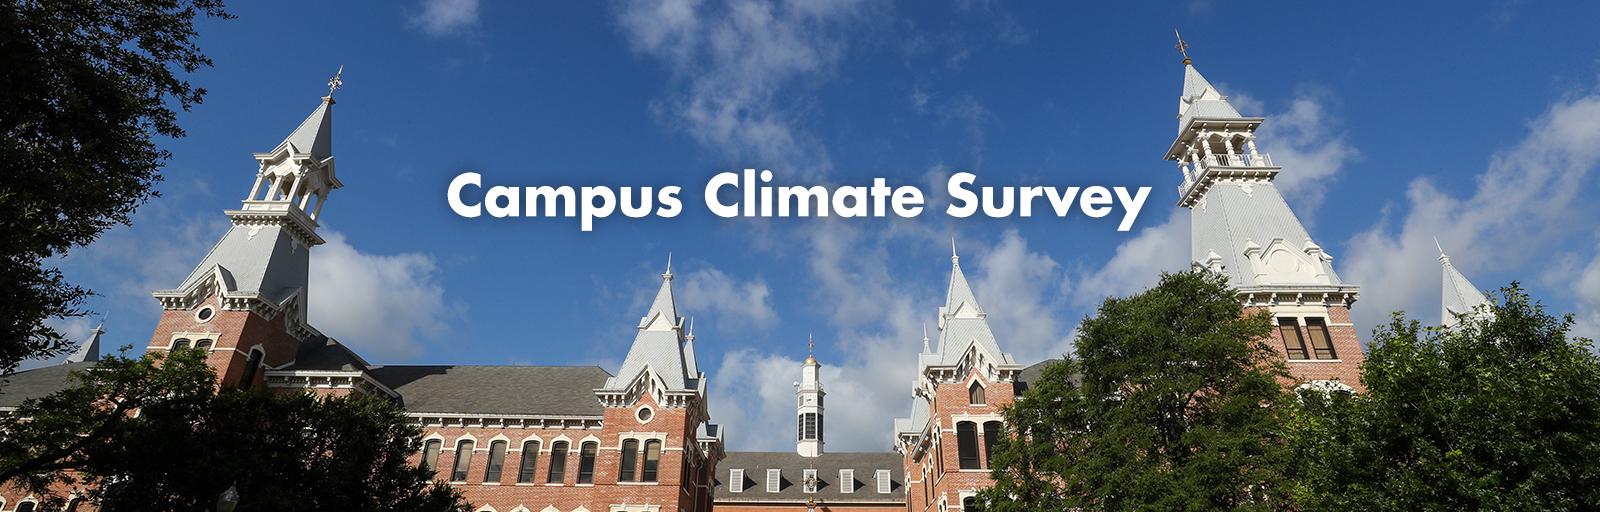 mc_diversity-campus-climate-survey